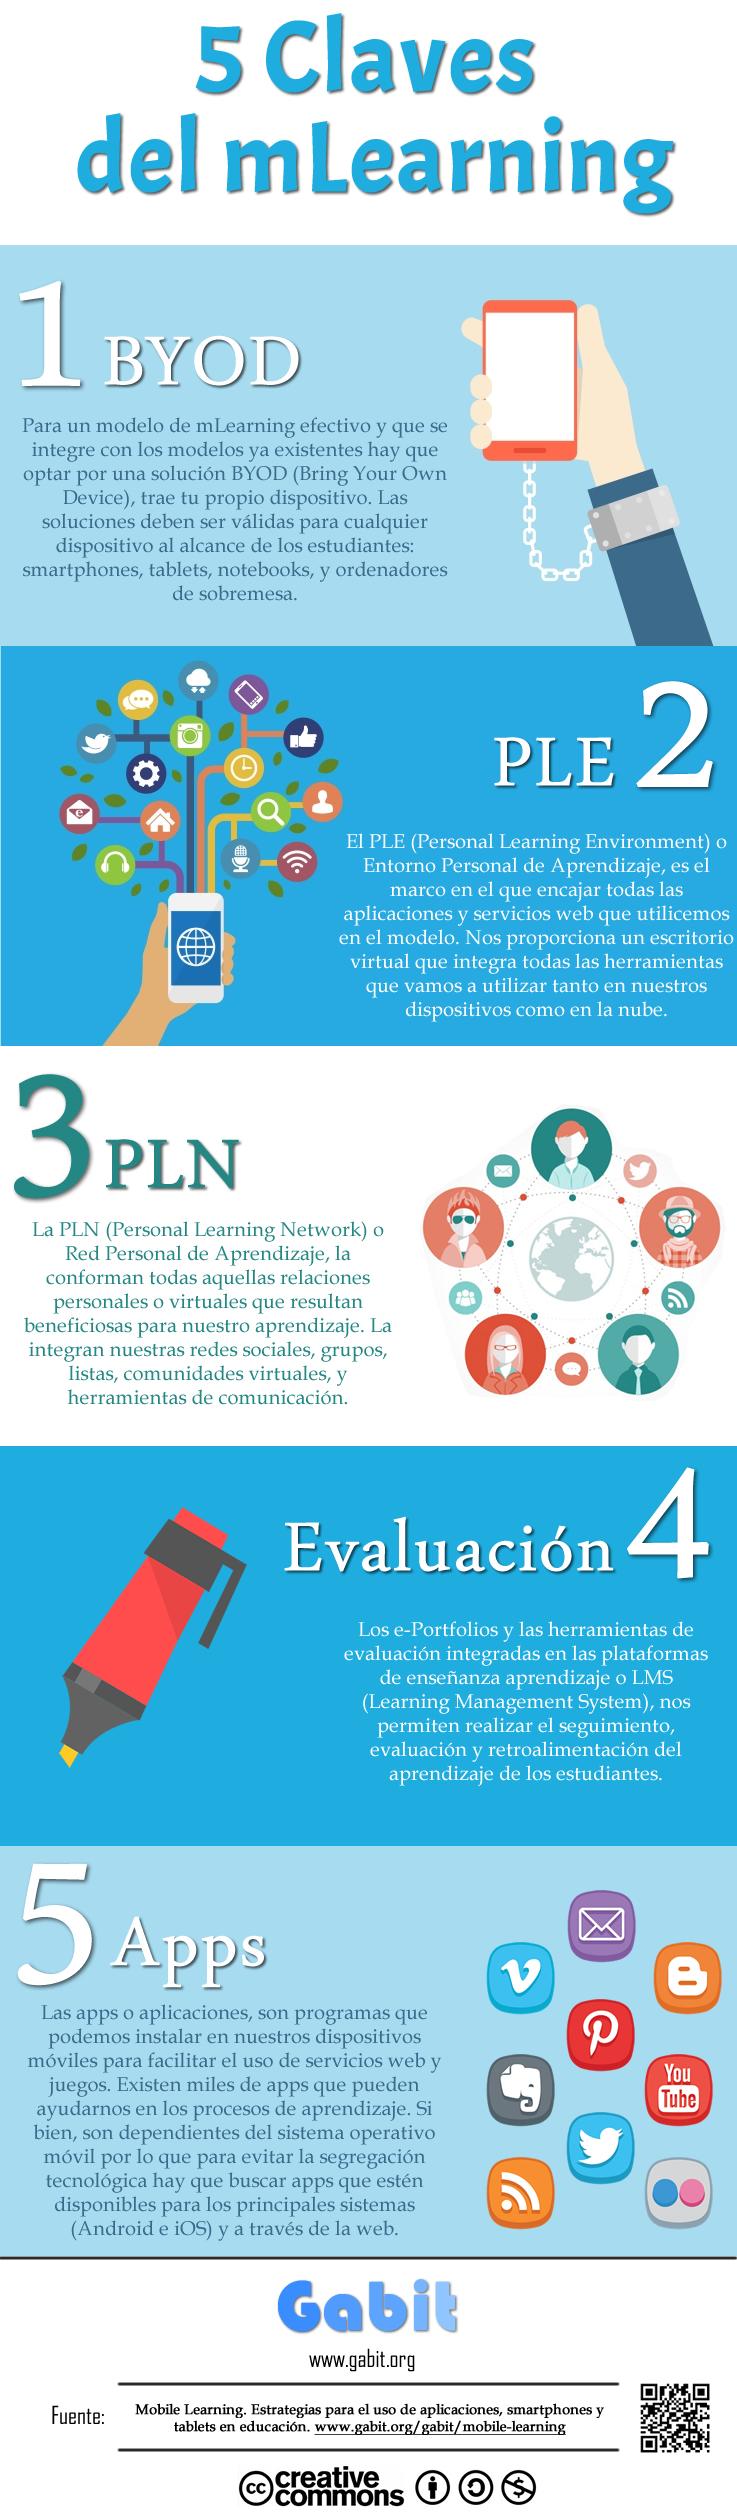 Infografía 5 Claves del mLearning